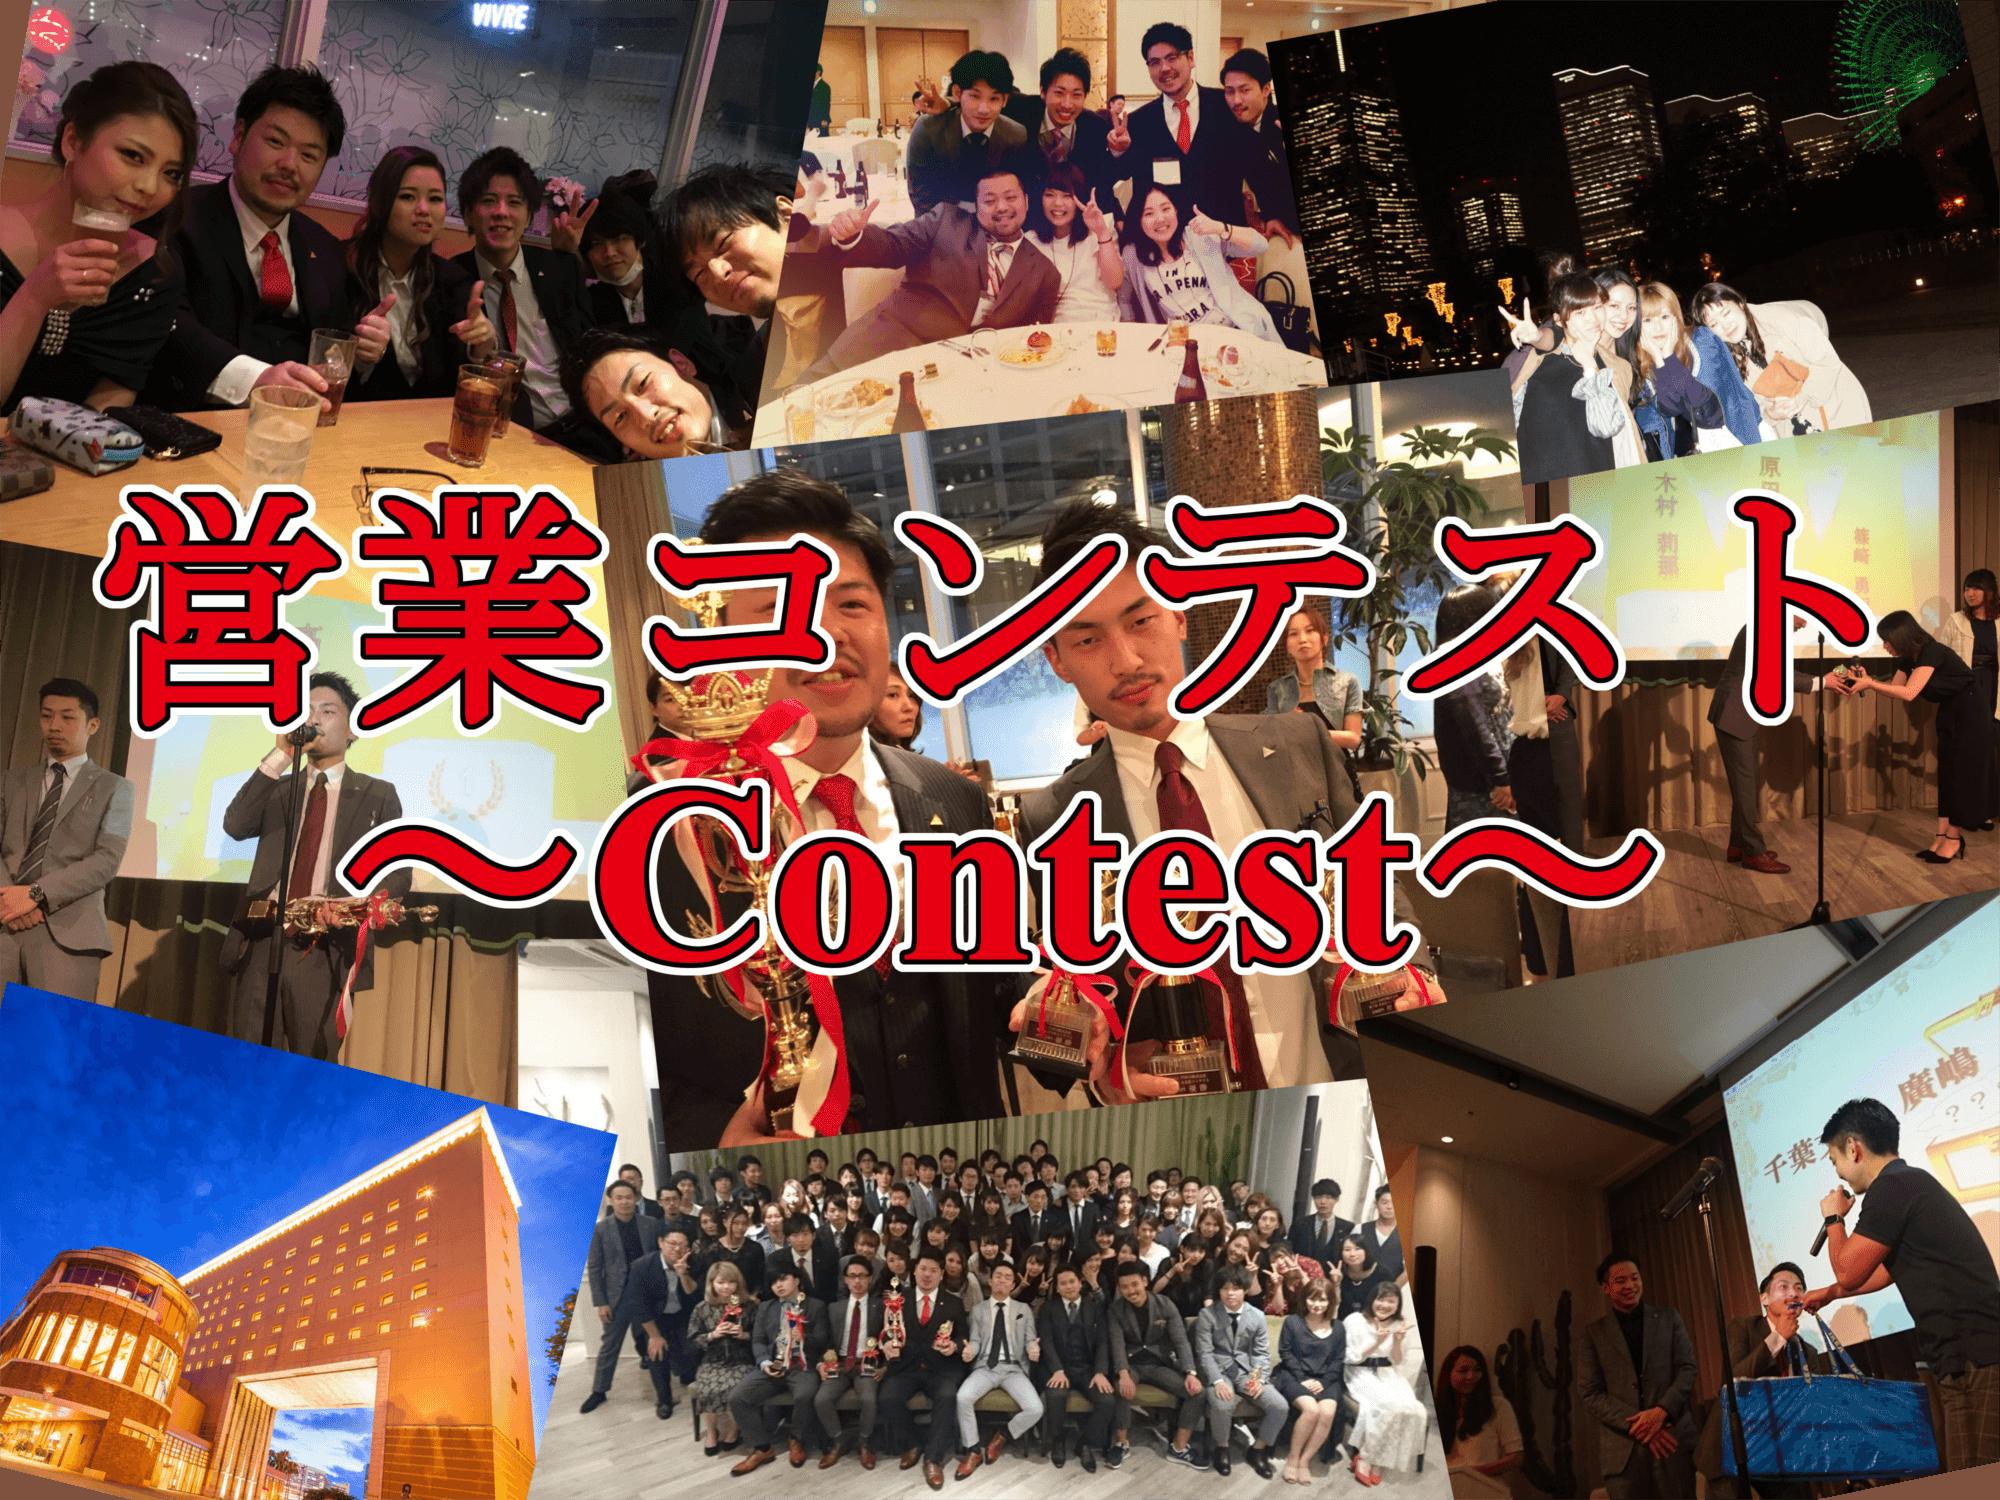 営業コンテスト~Contest~